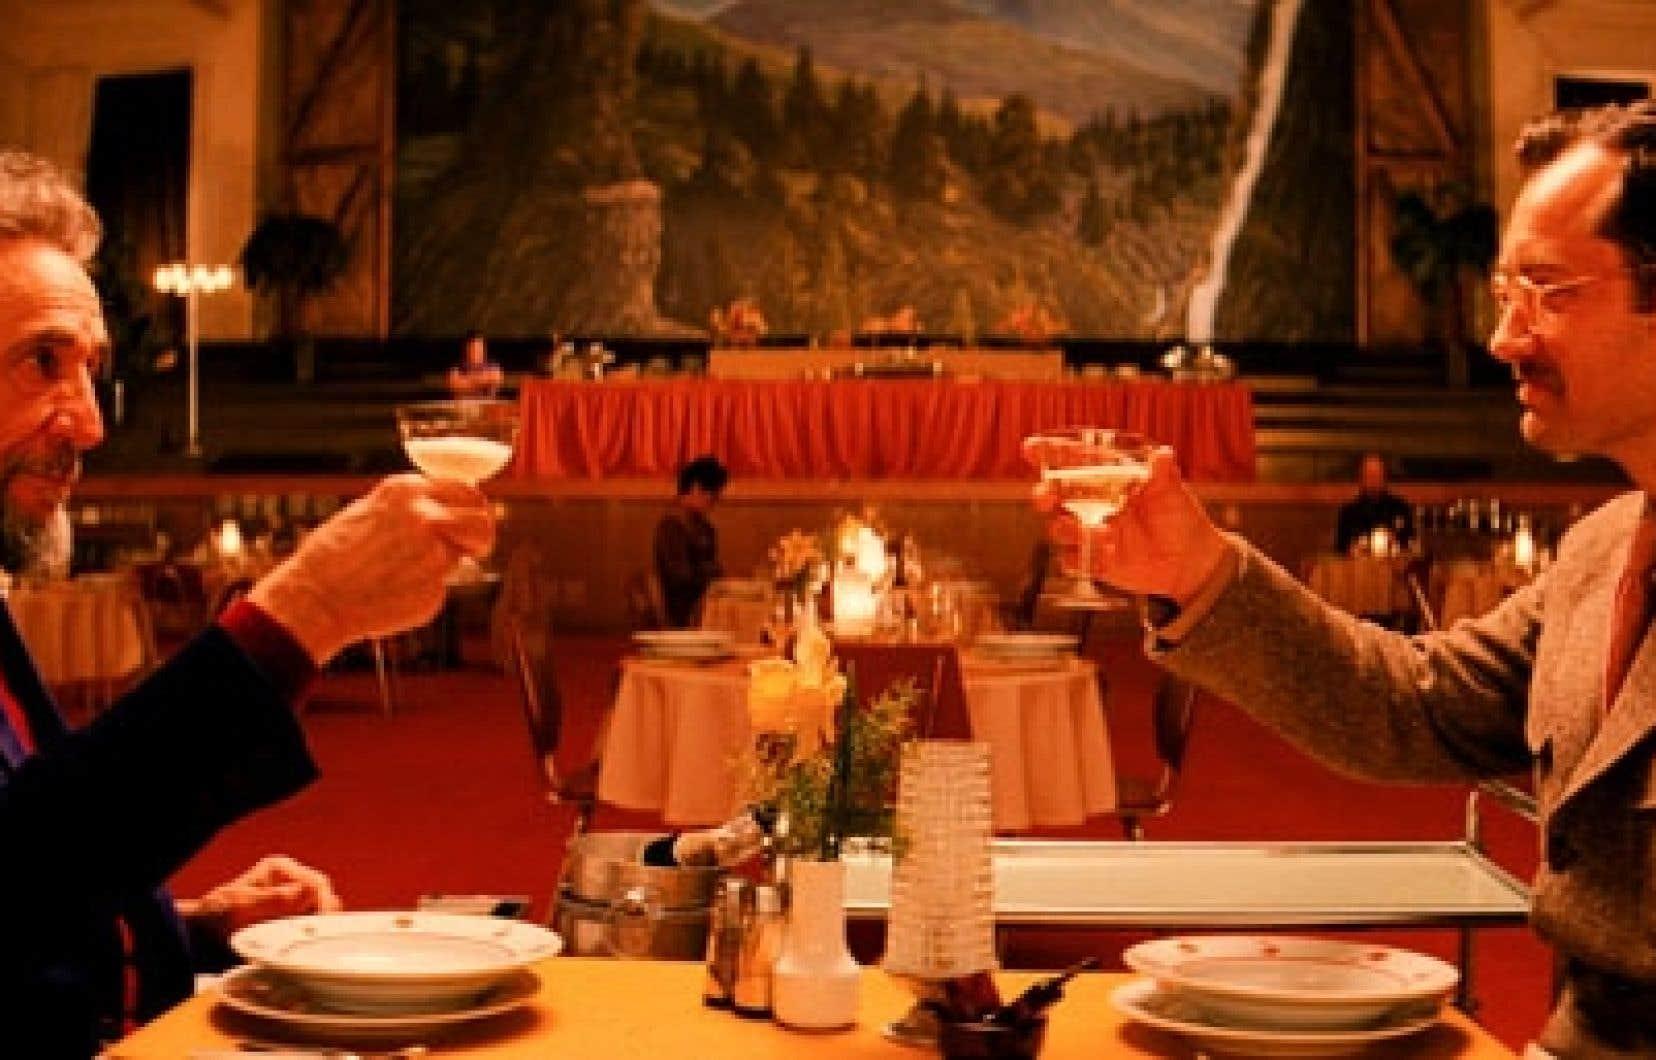 The Grand Budapest Hotel est un délire kaléidoscopique qui compose un joyeux moment de cinéma.